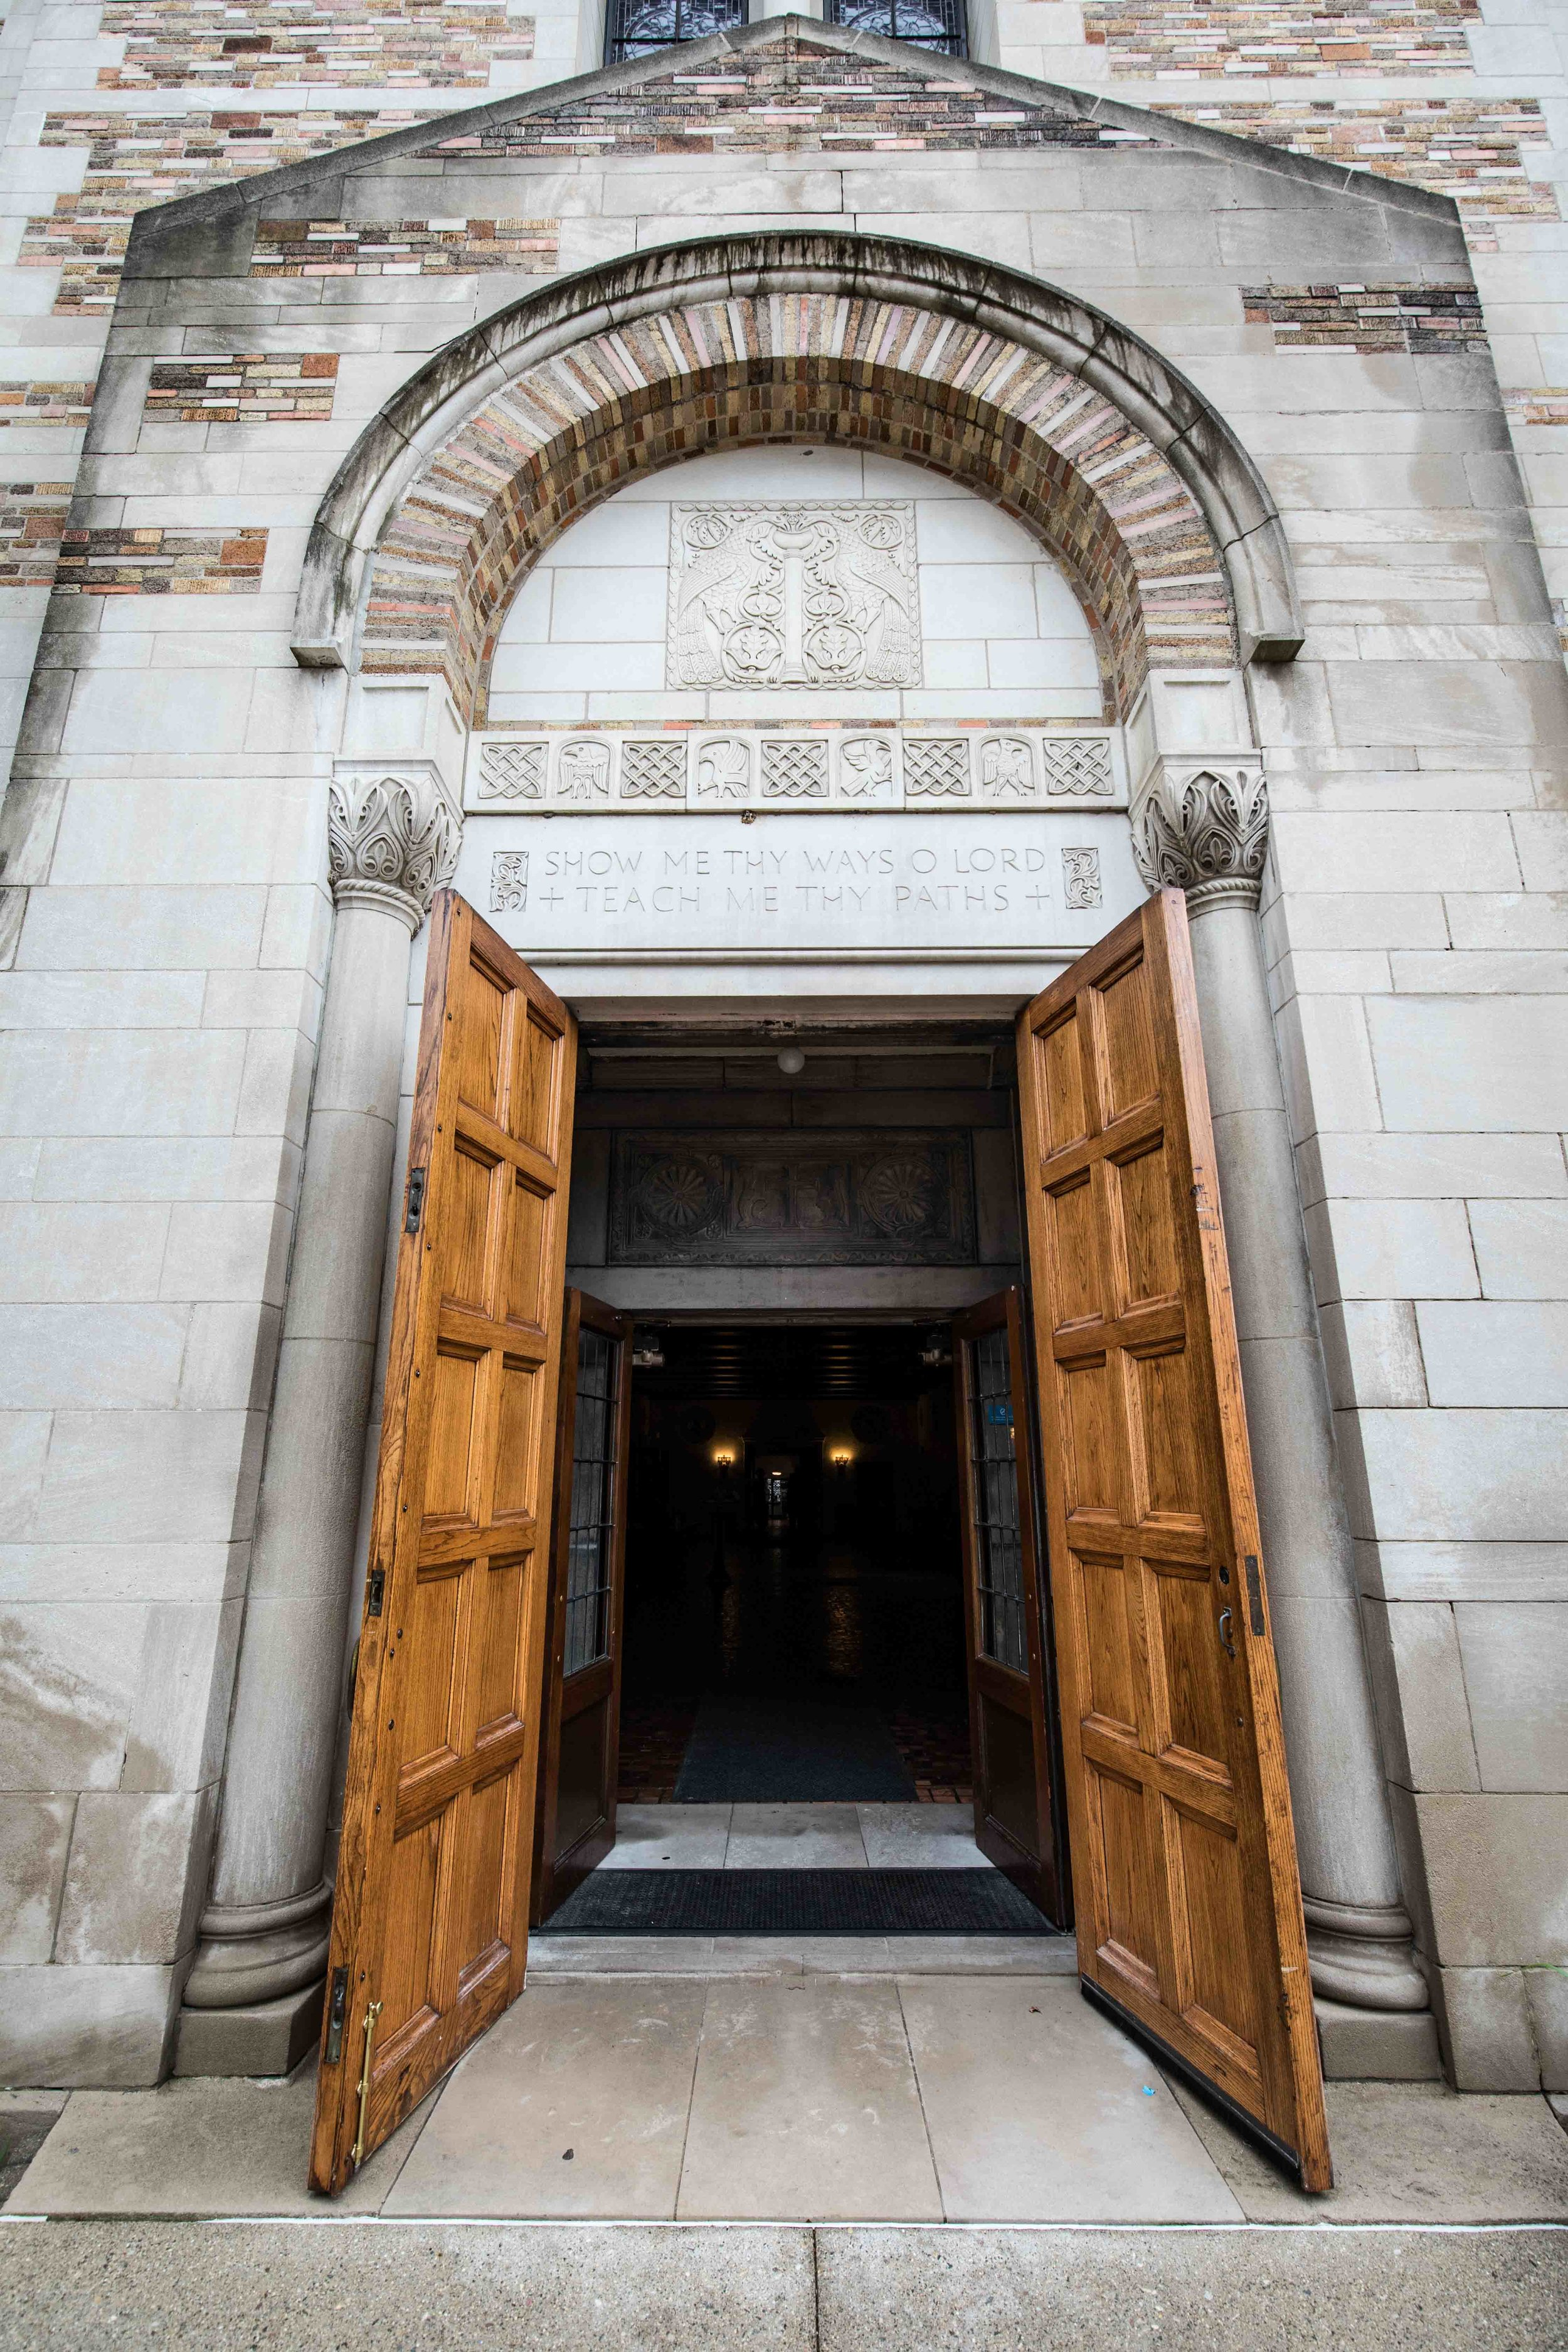 Tall wooden church doors